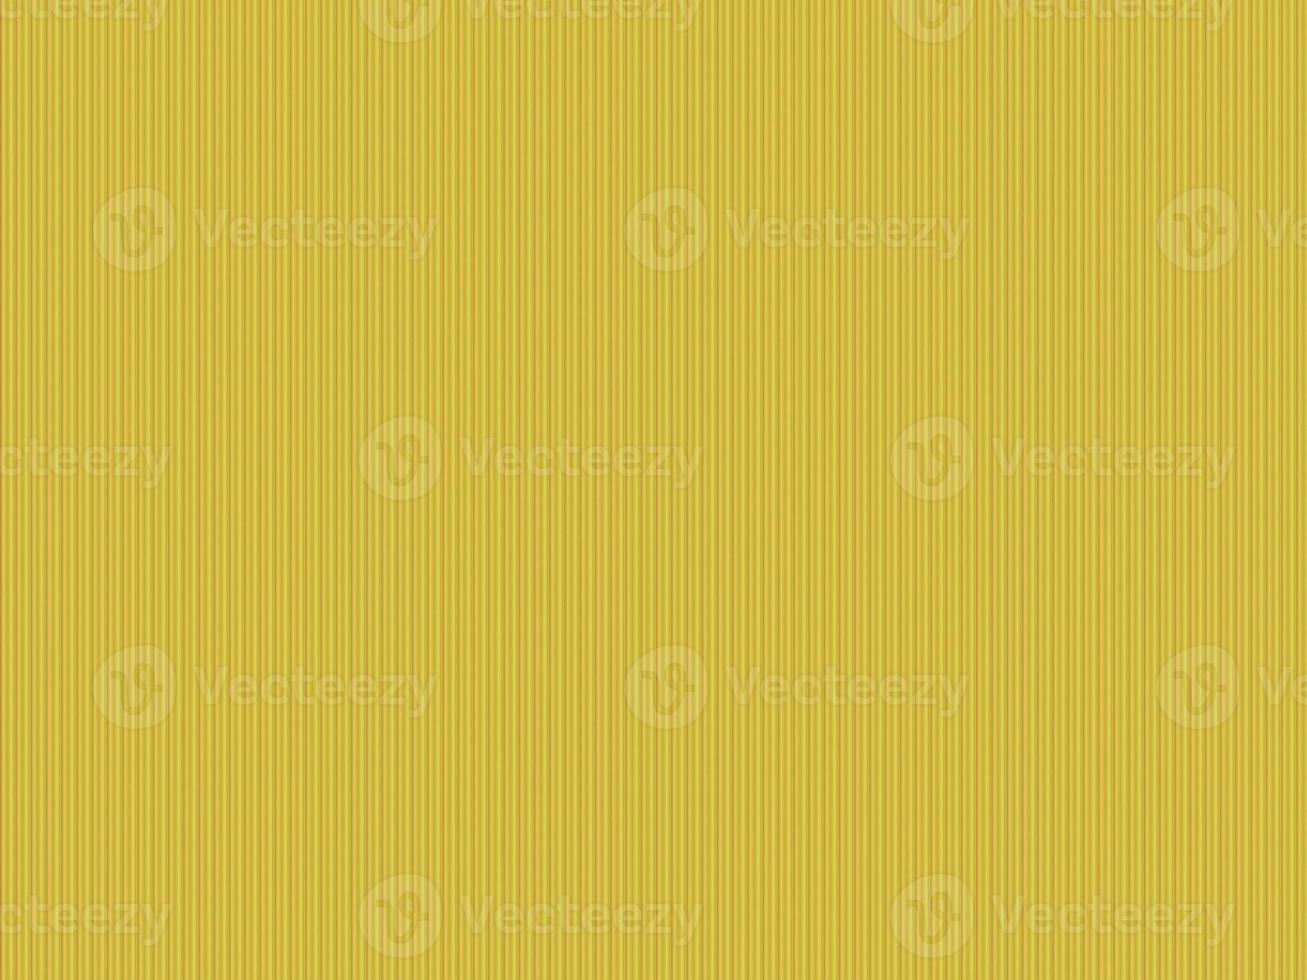 Texture macaroni photo